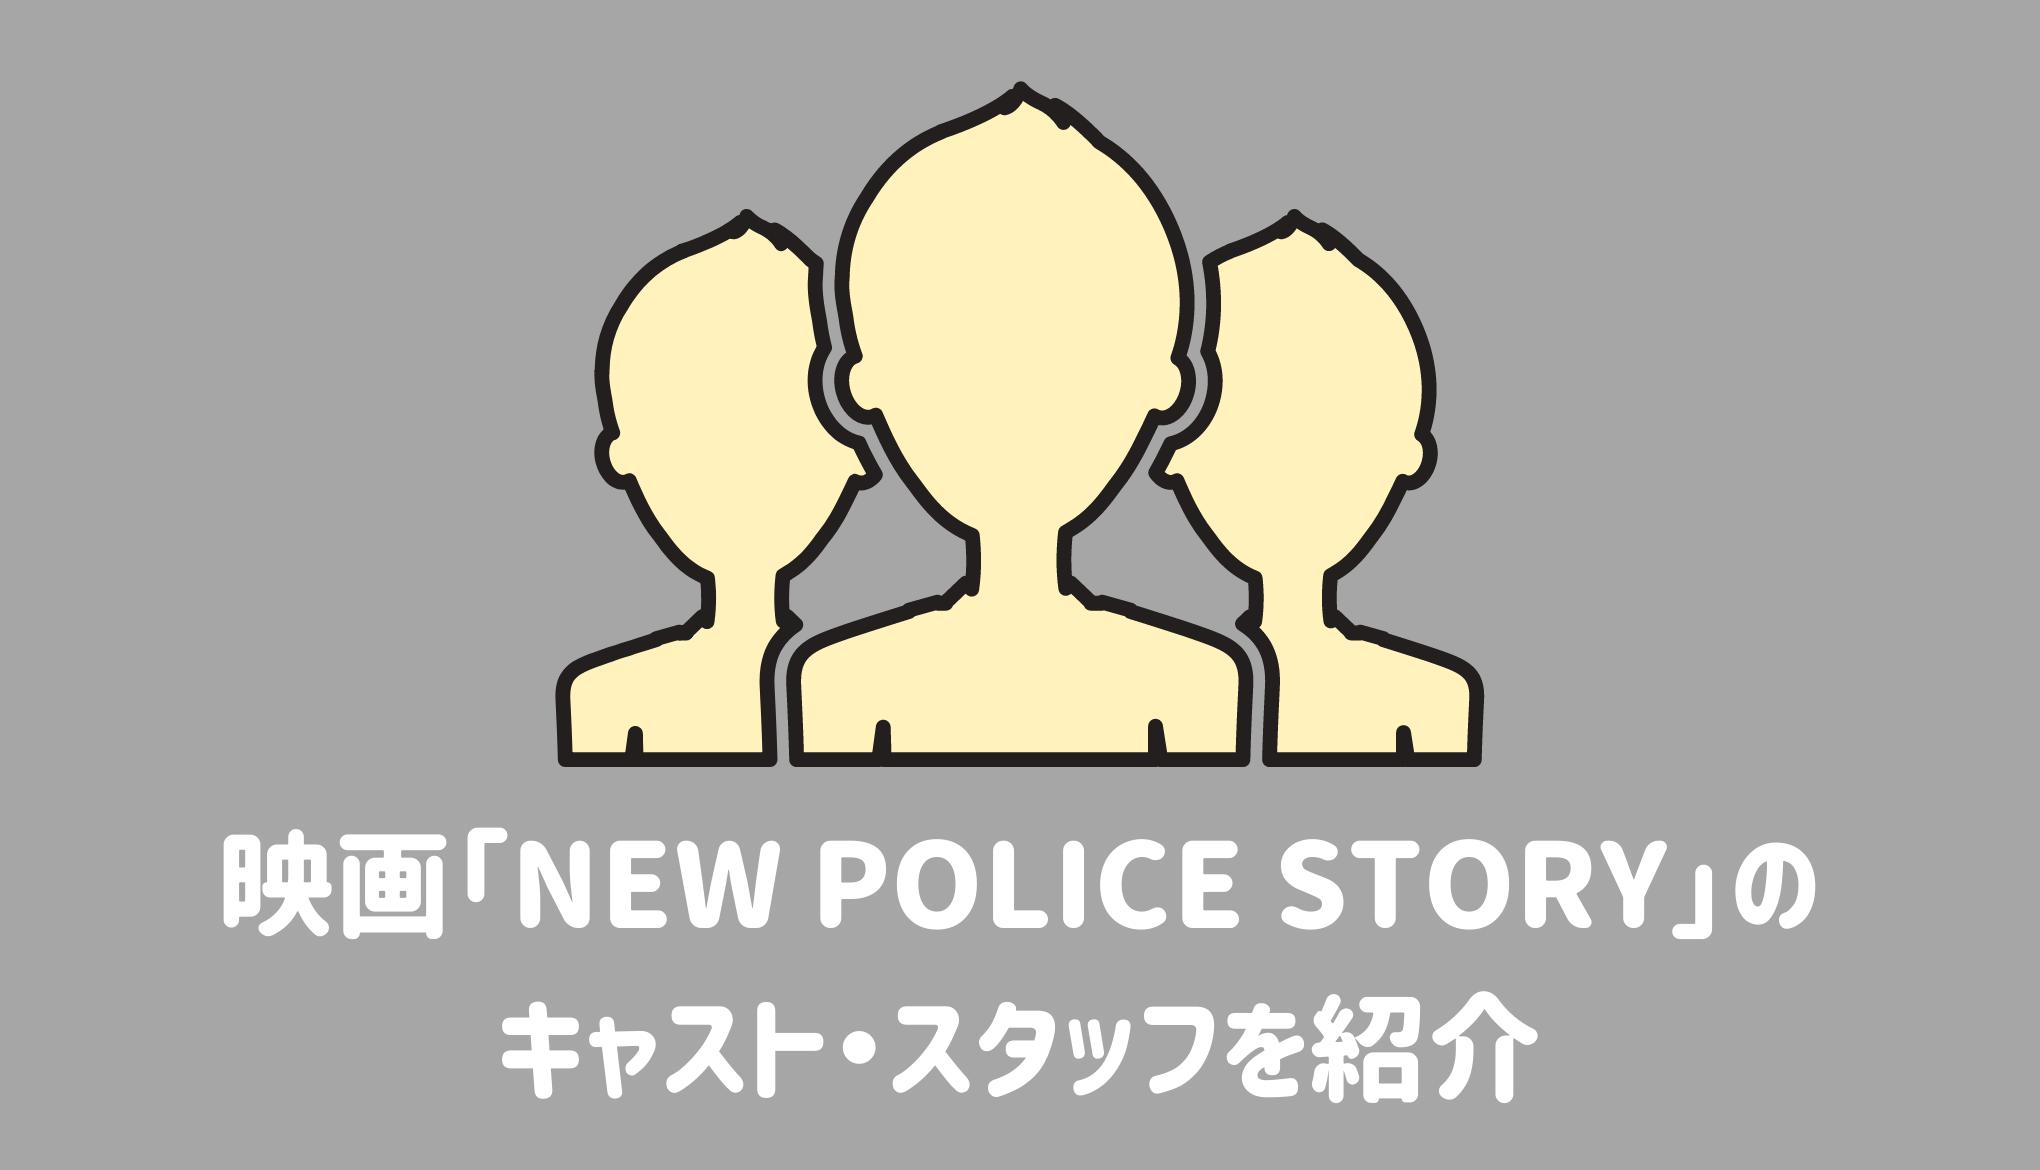 映画「香港国際警察/NEW POLICE STORY」のキャスト・スタッフ